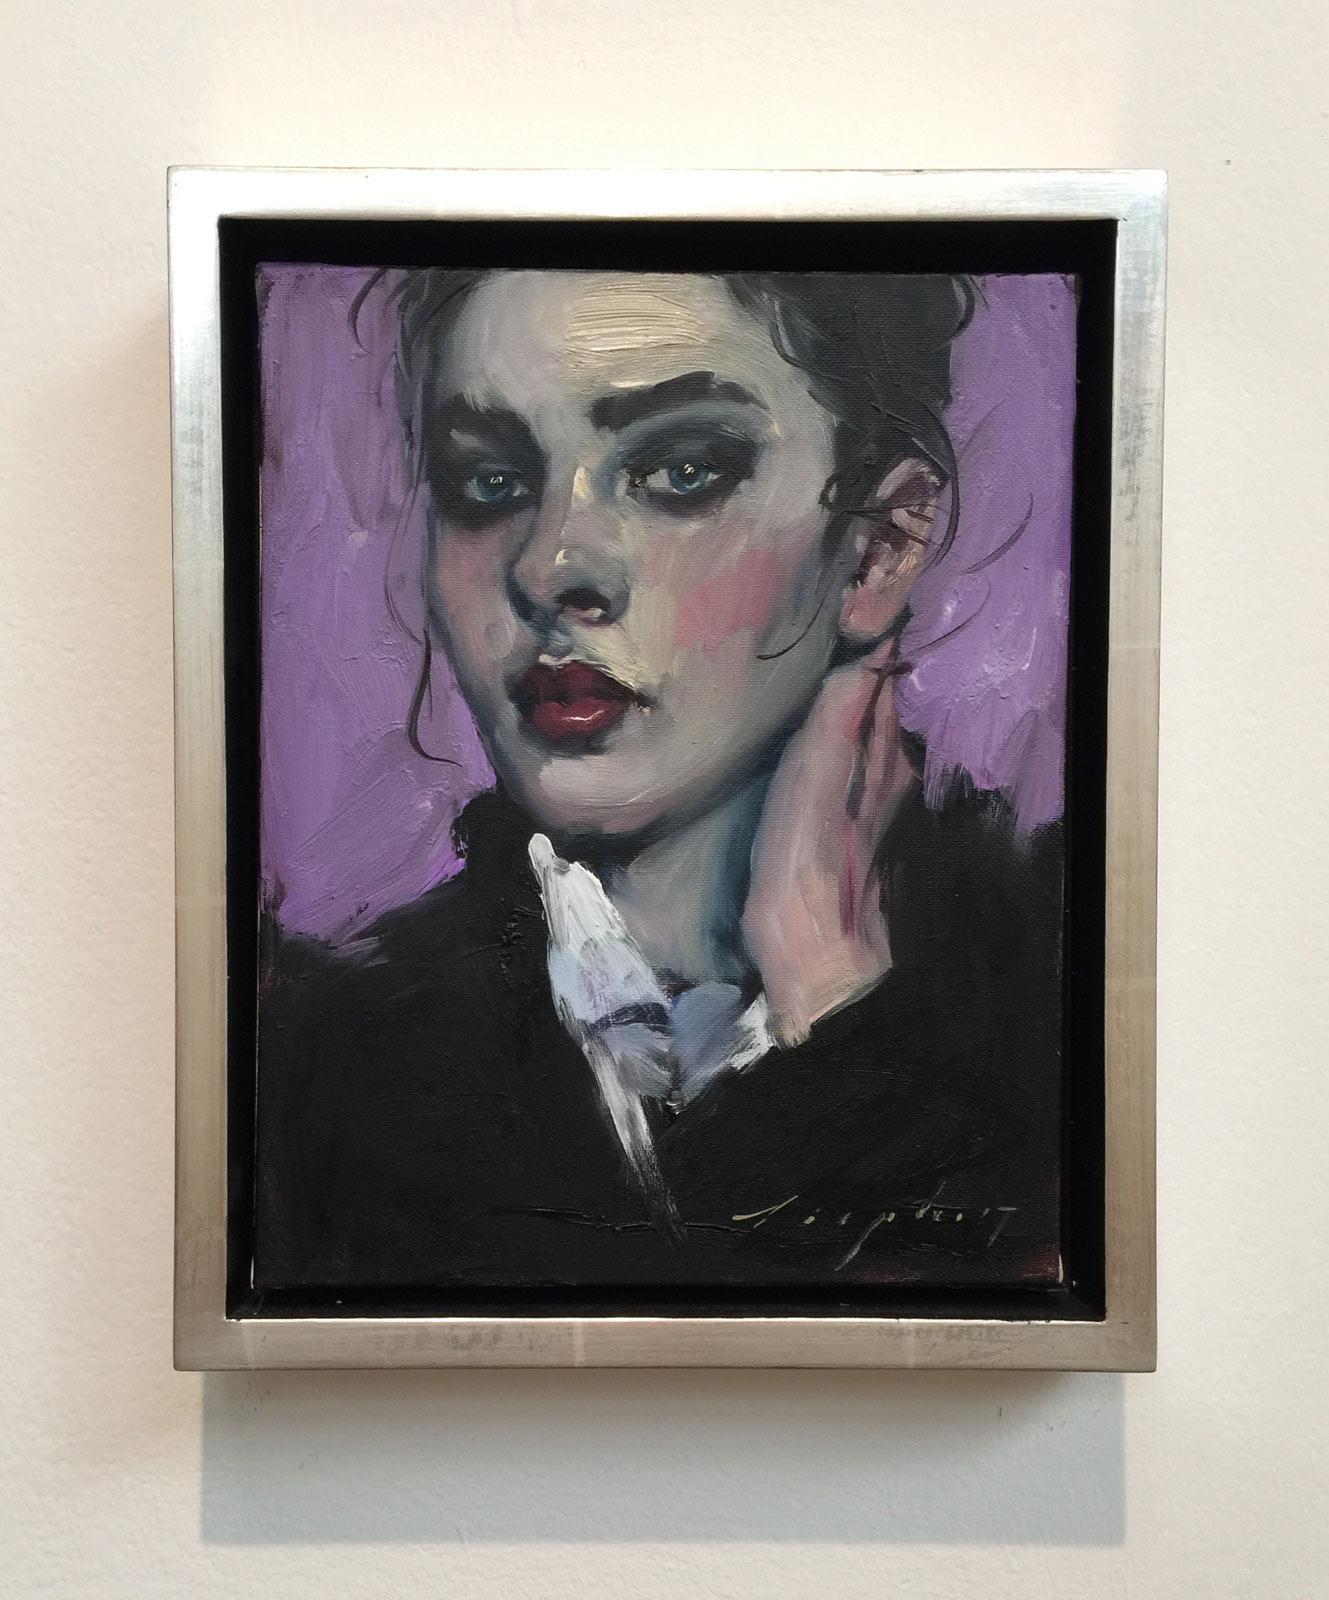 Malcolm-Liepke-Smoky-Eyes-oil-canvas-Nikola-Rukaj.jpg